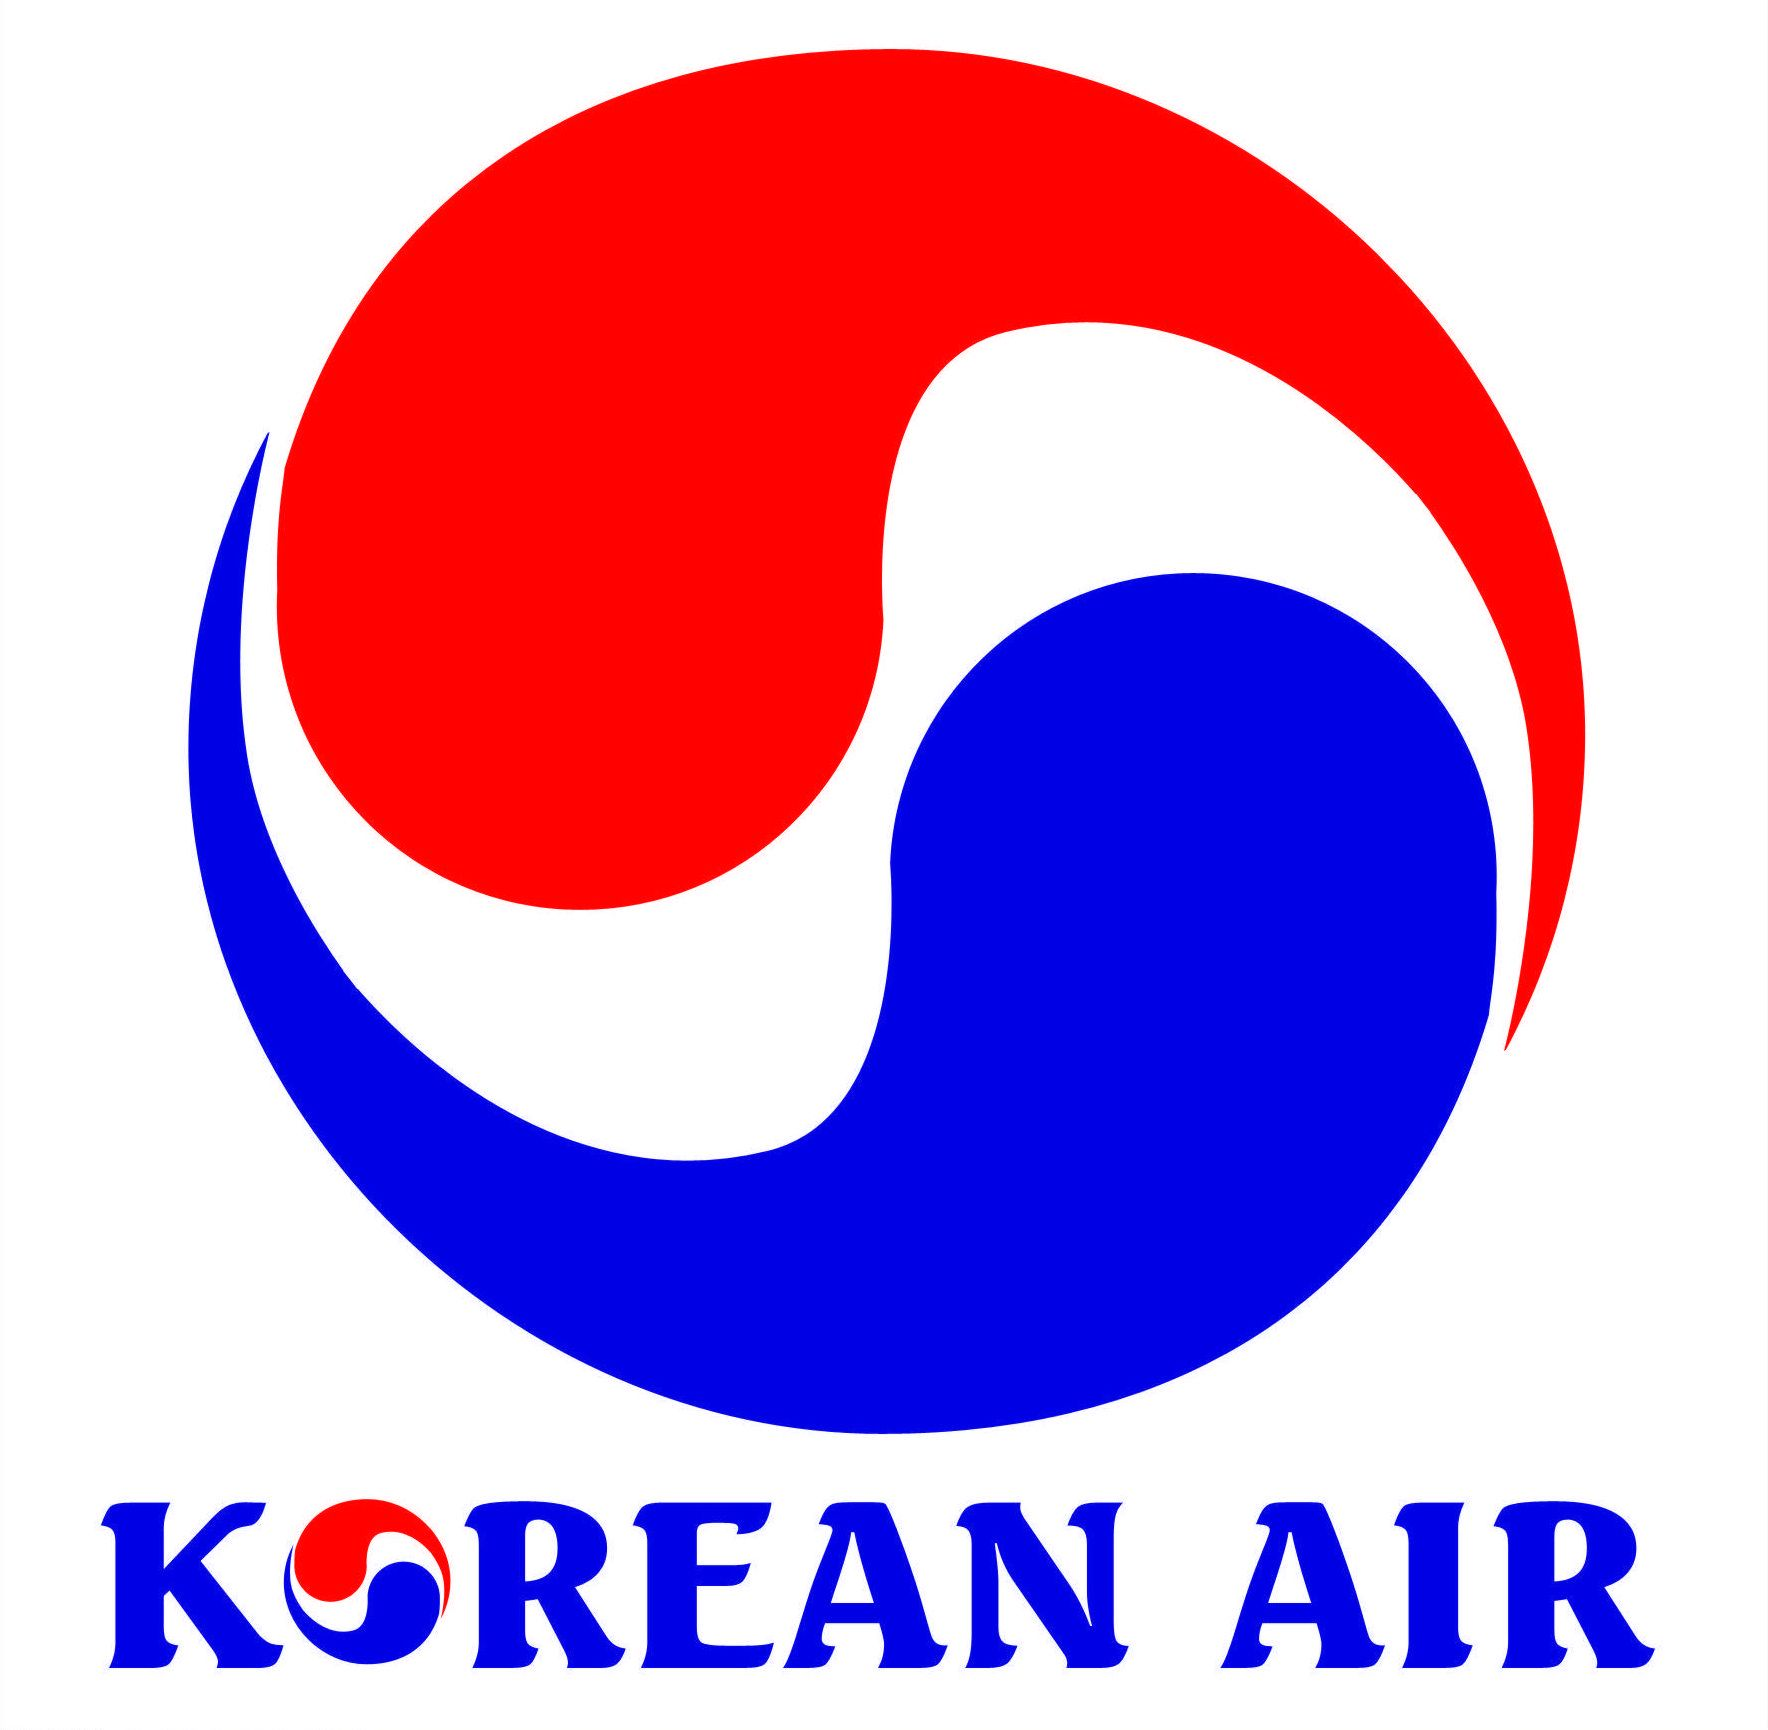 Korean Air South Airline